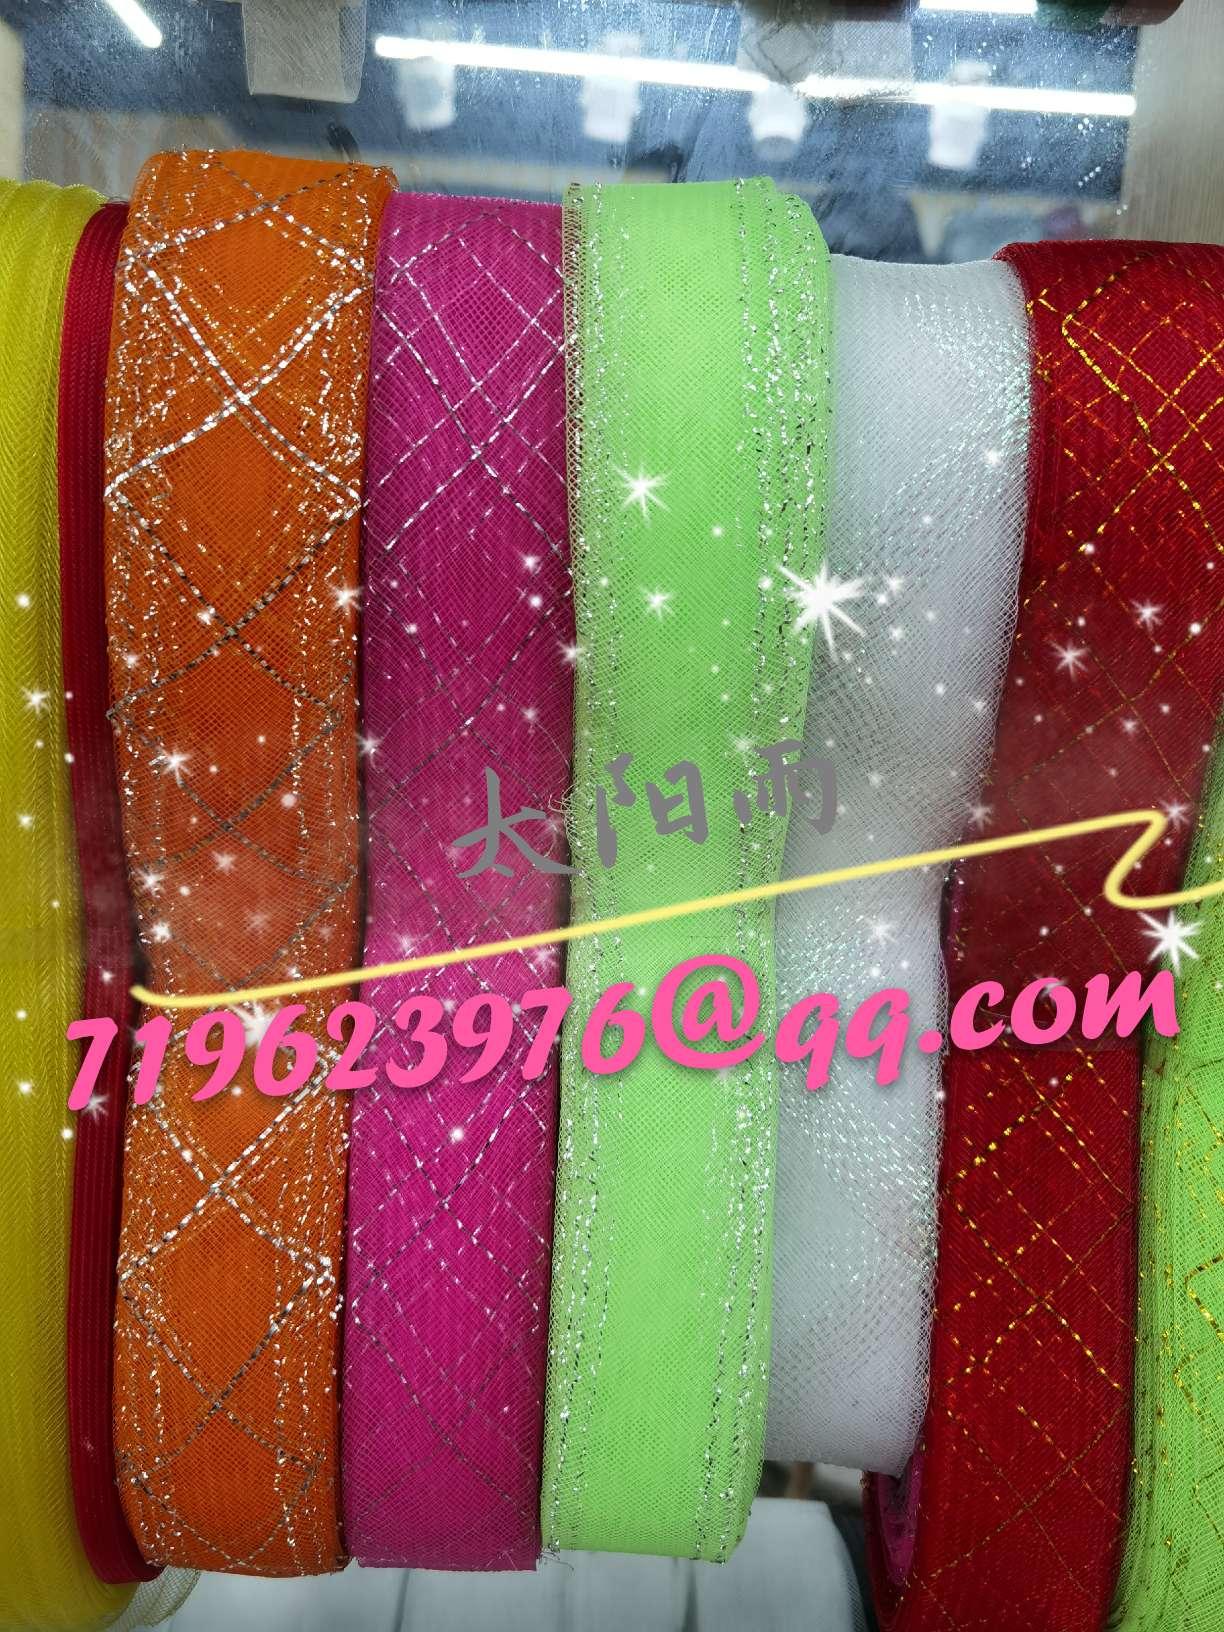 弹性纱网 工艺品 鲜花包装 食品盒子包装 鱼骨渔网带  绳